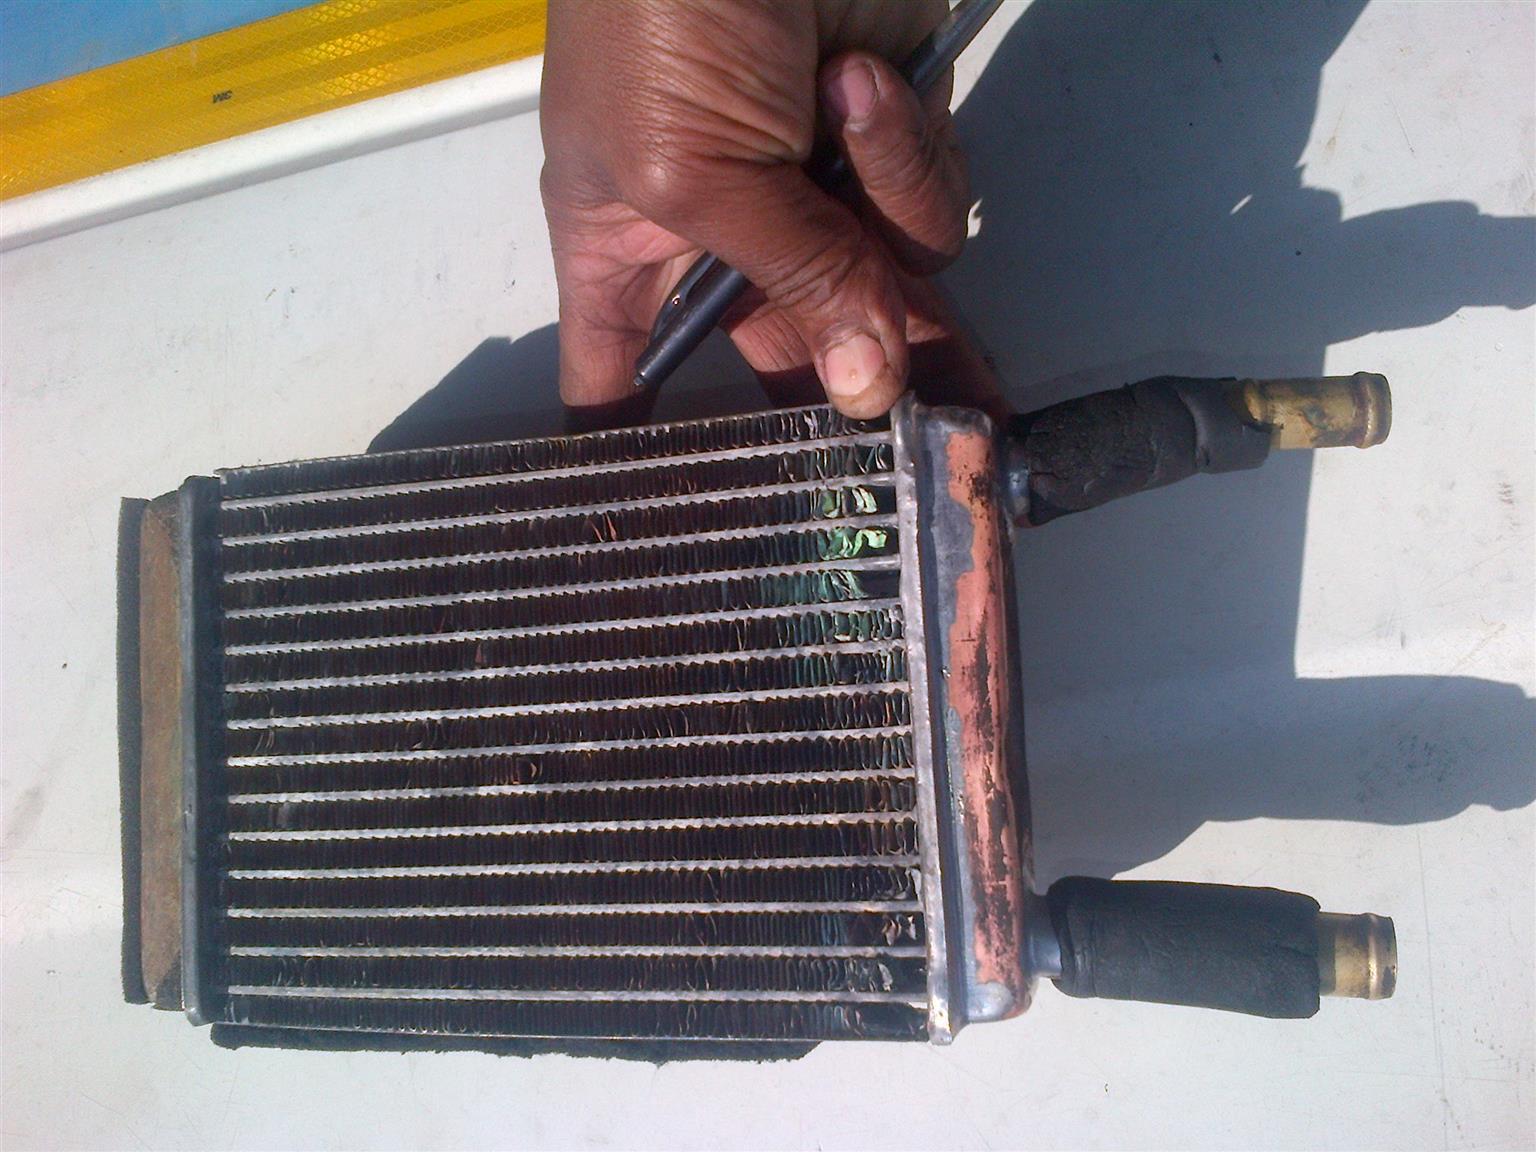 Radiator  sales service & repair